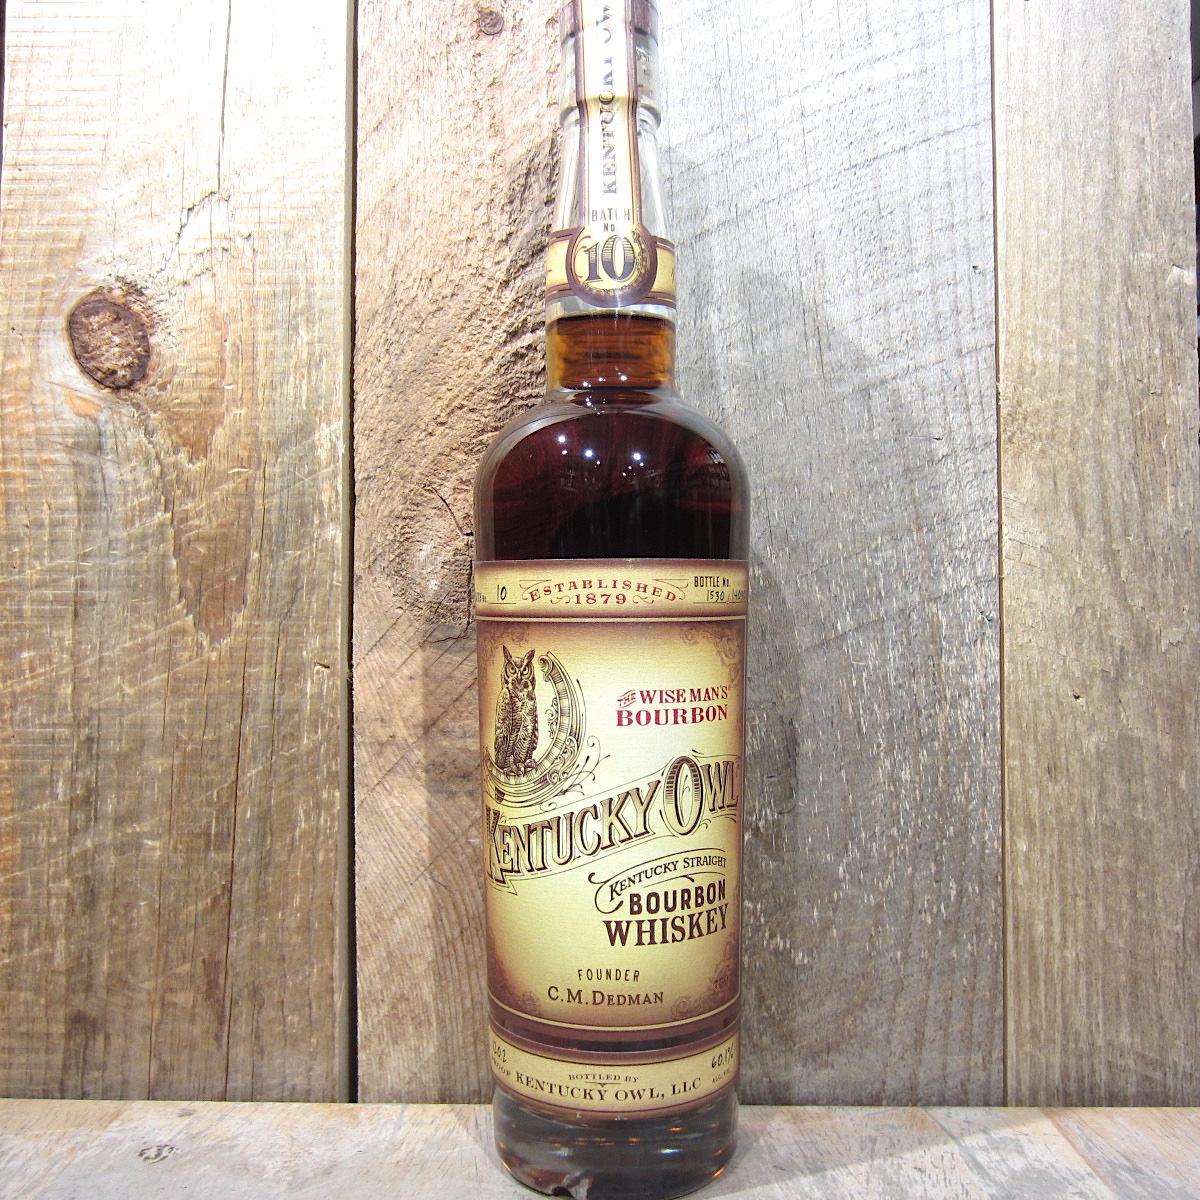 Kentucky Owl Bourbon 120.2pf Batch 10 750ml